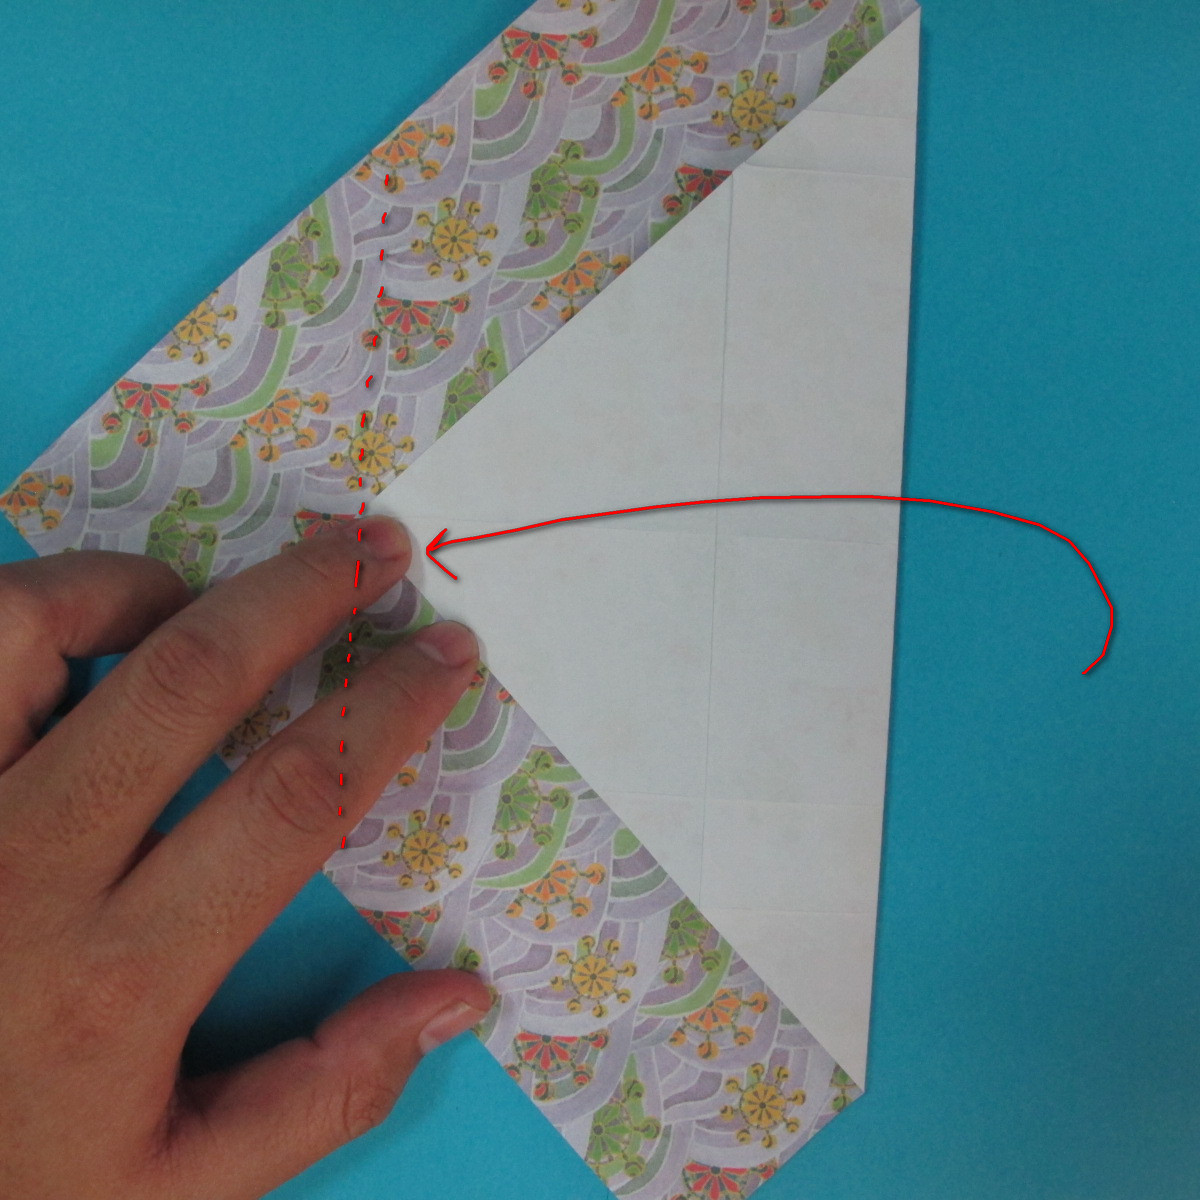 สอนวิธีพับกระดาษเป็นช้าง (แบบของ Fumiaki Kawahata) 017